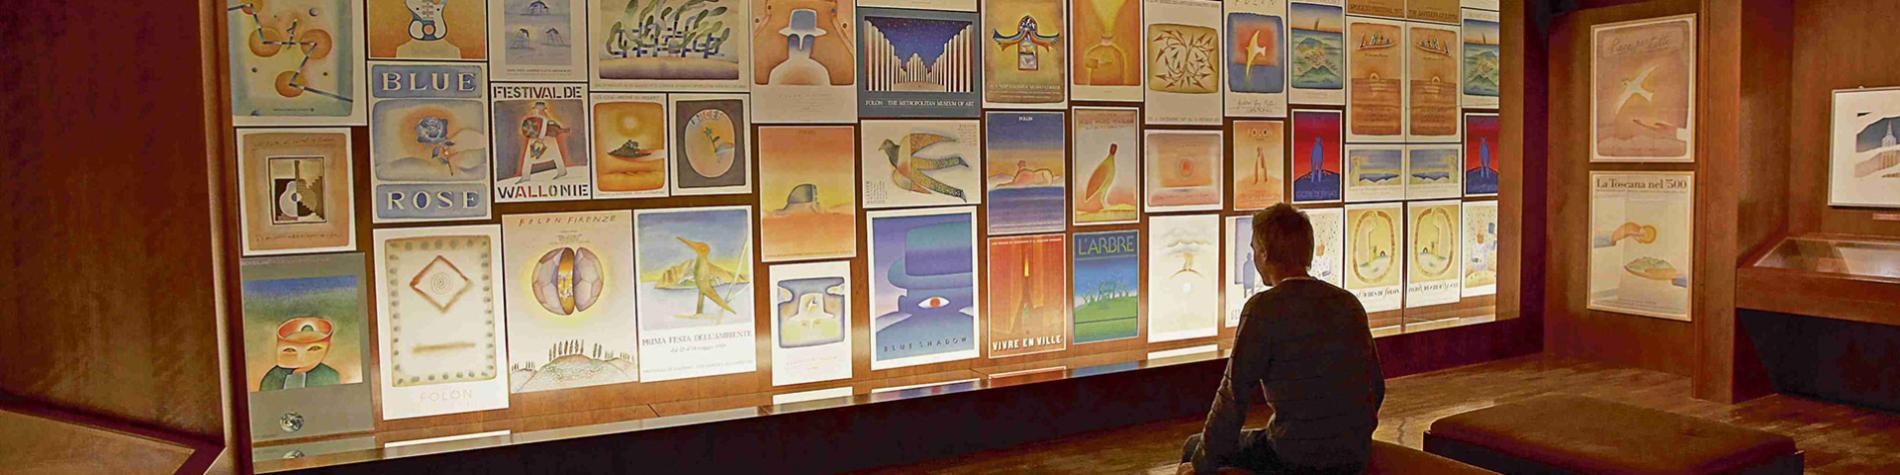 Fondation Folon - Mur - affiches